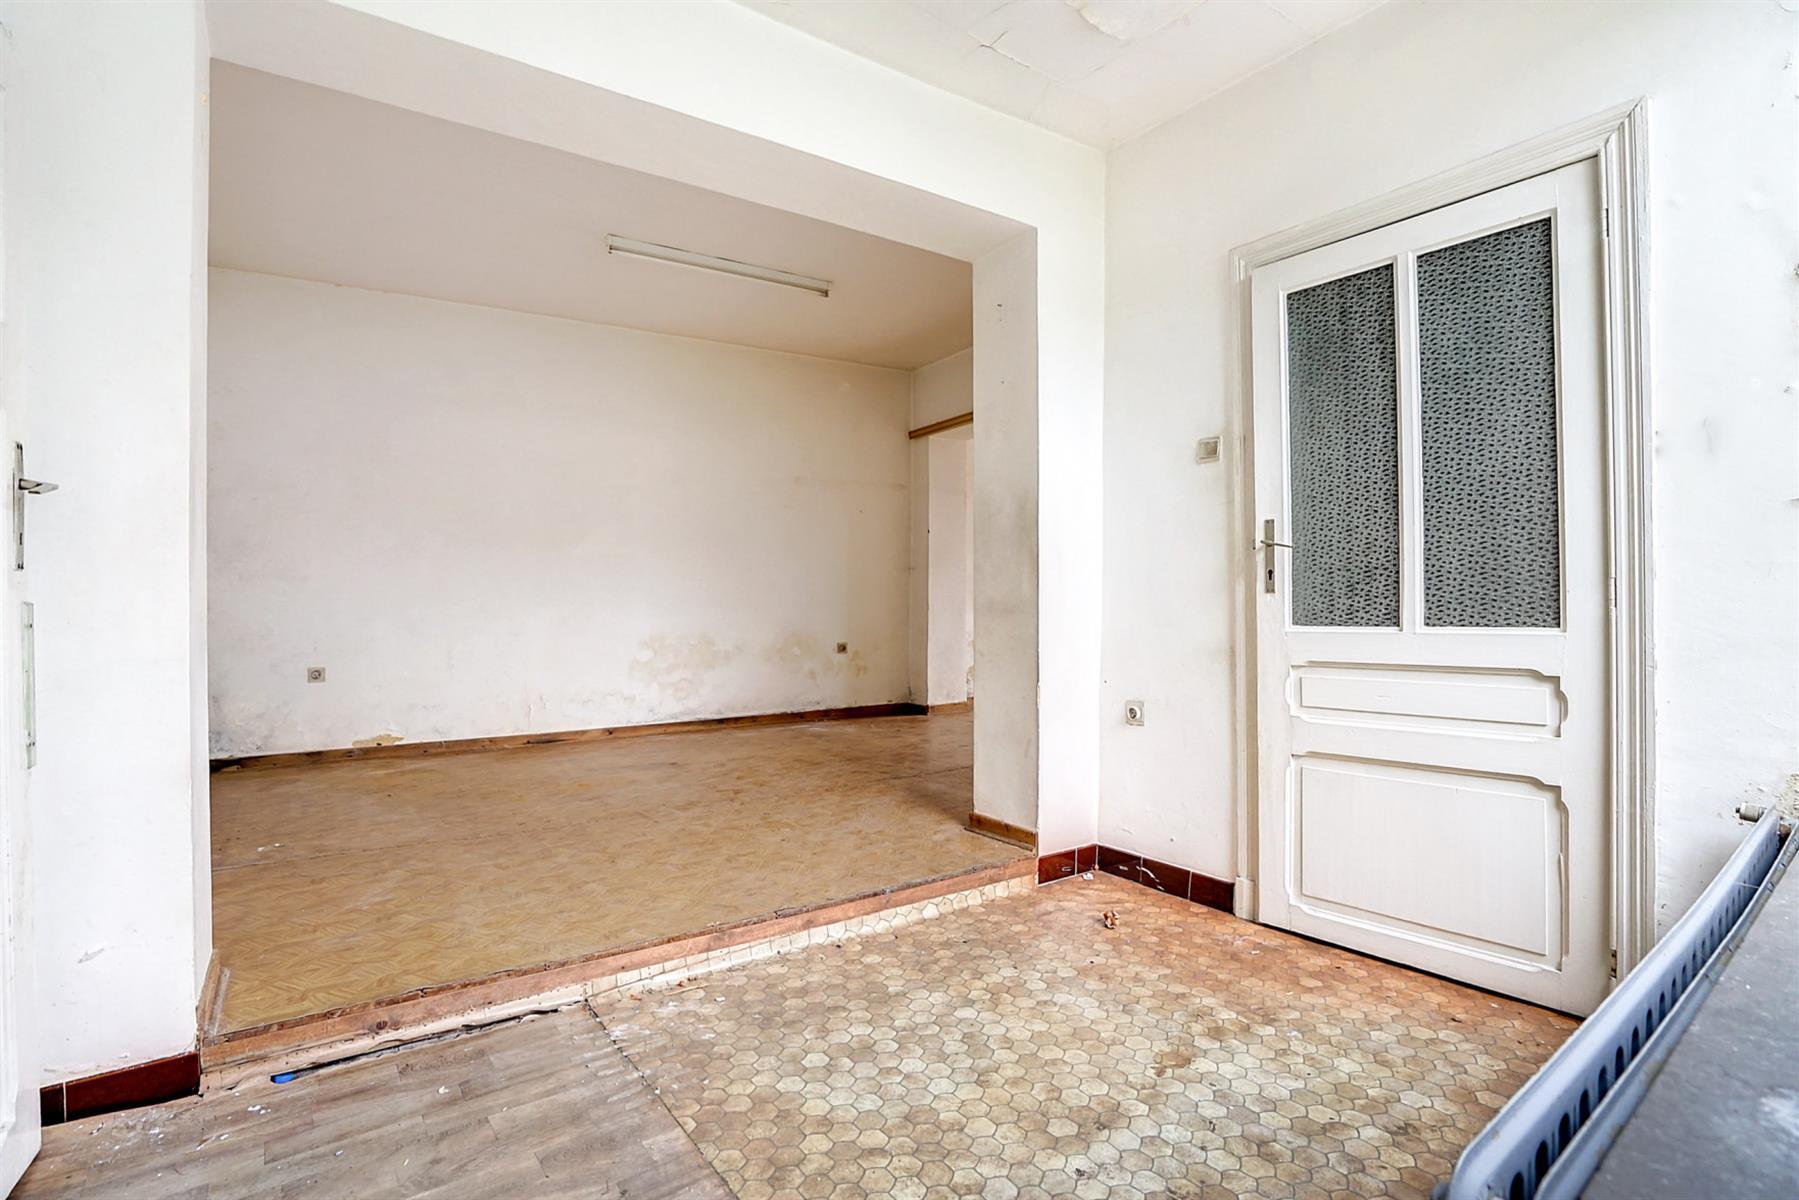 Maison - Ottignies - #4508432-8